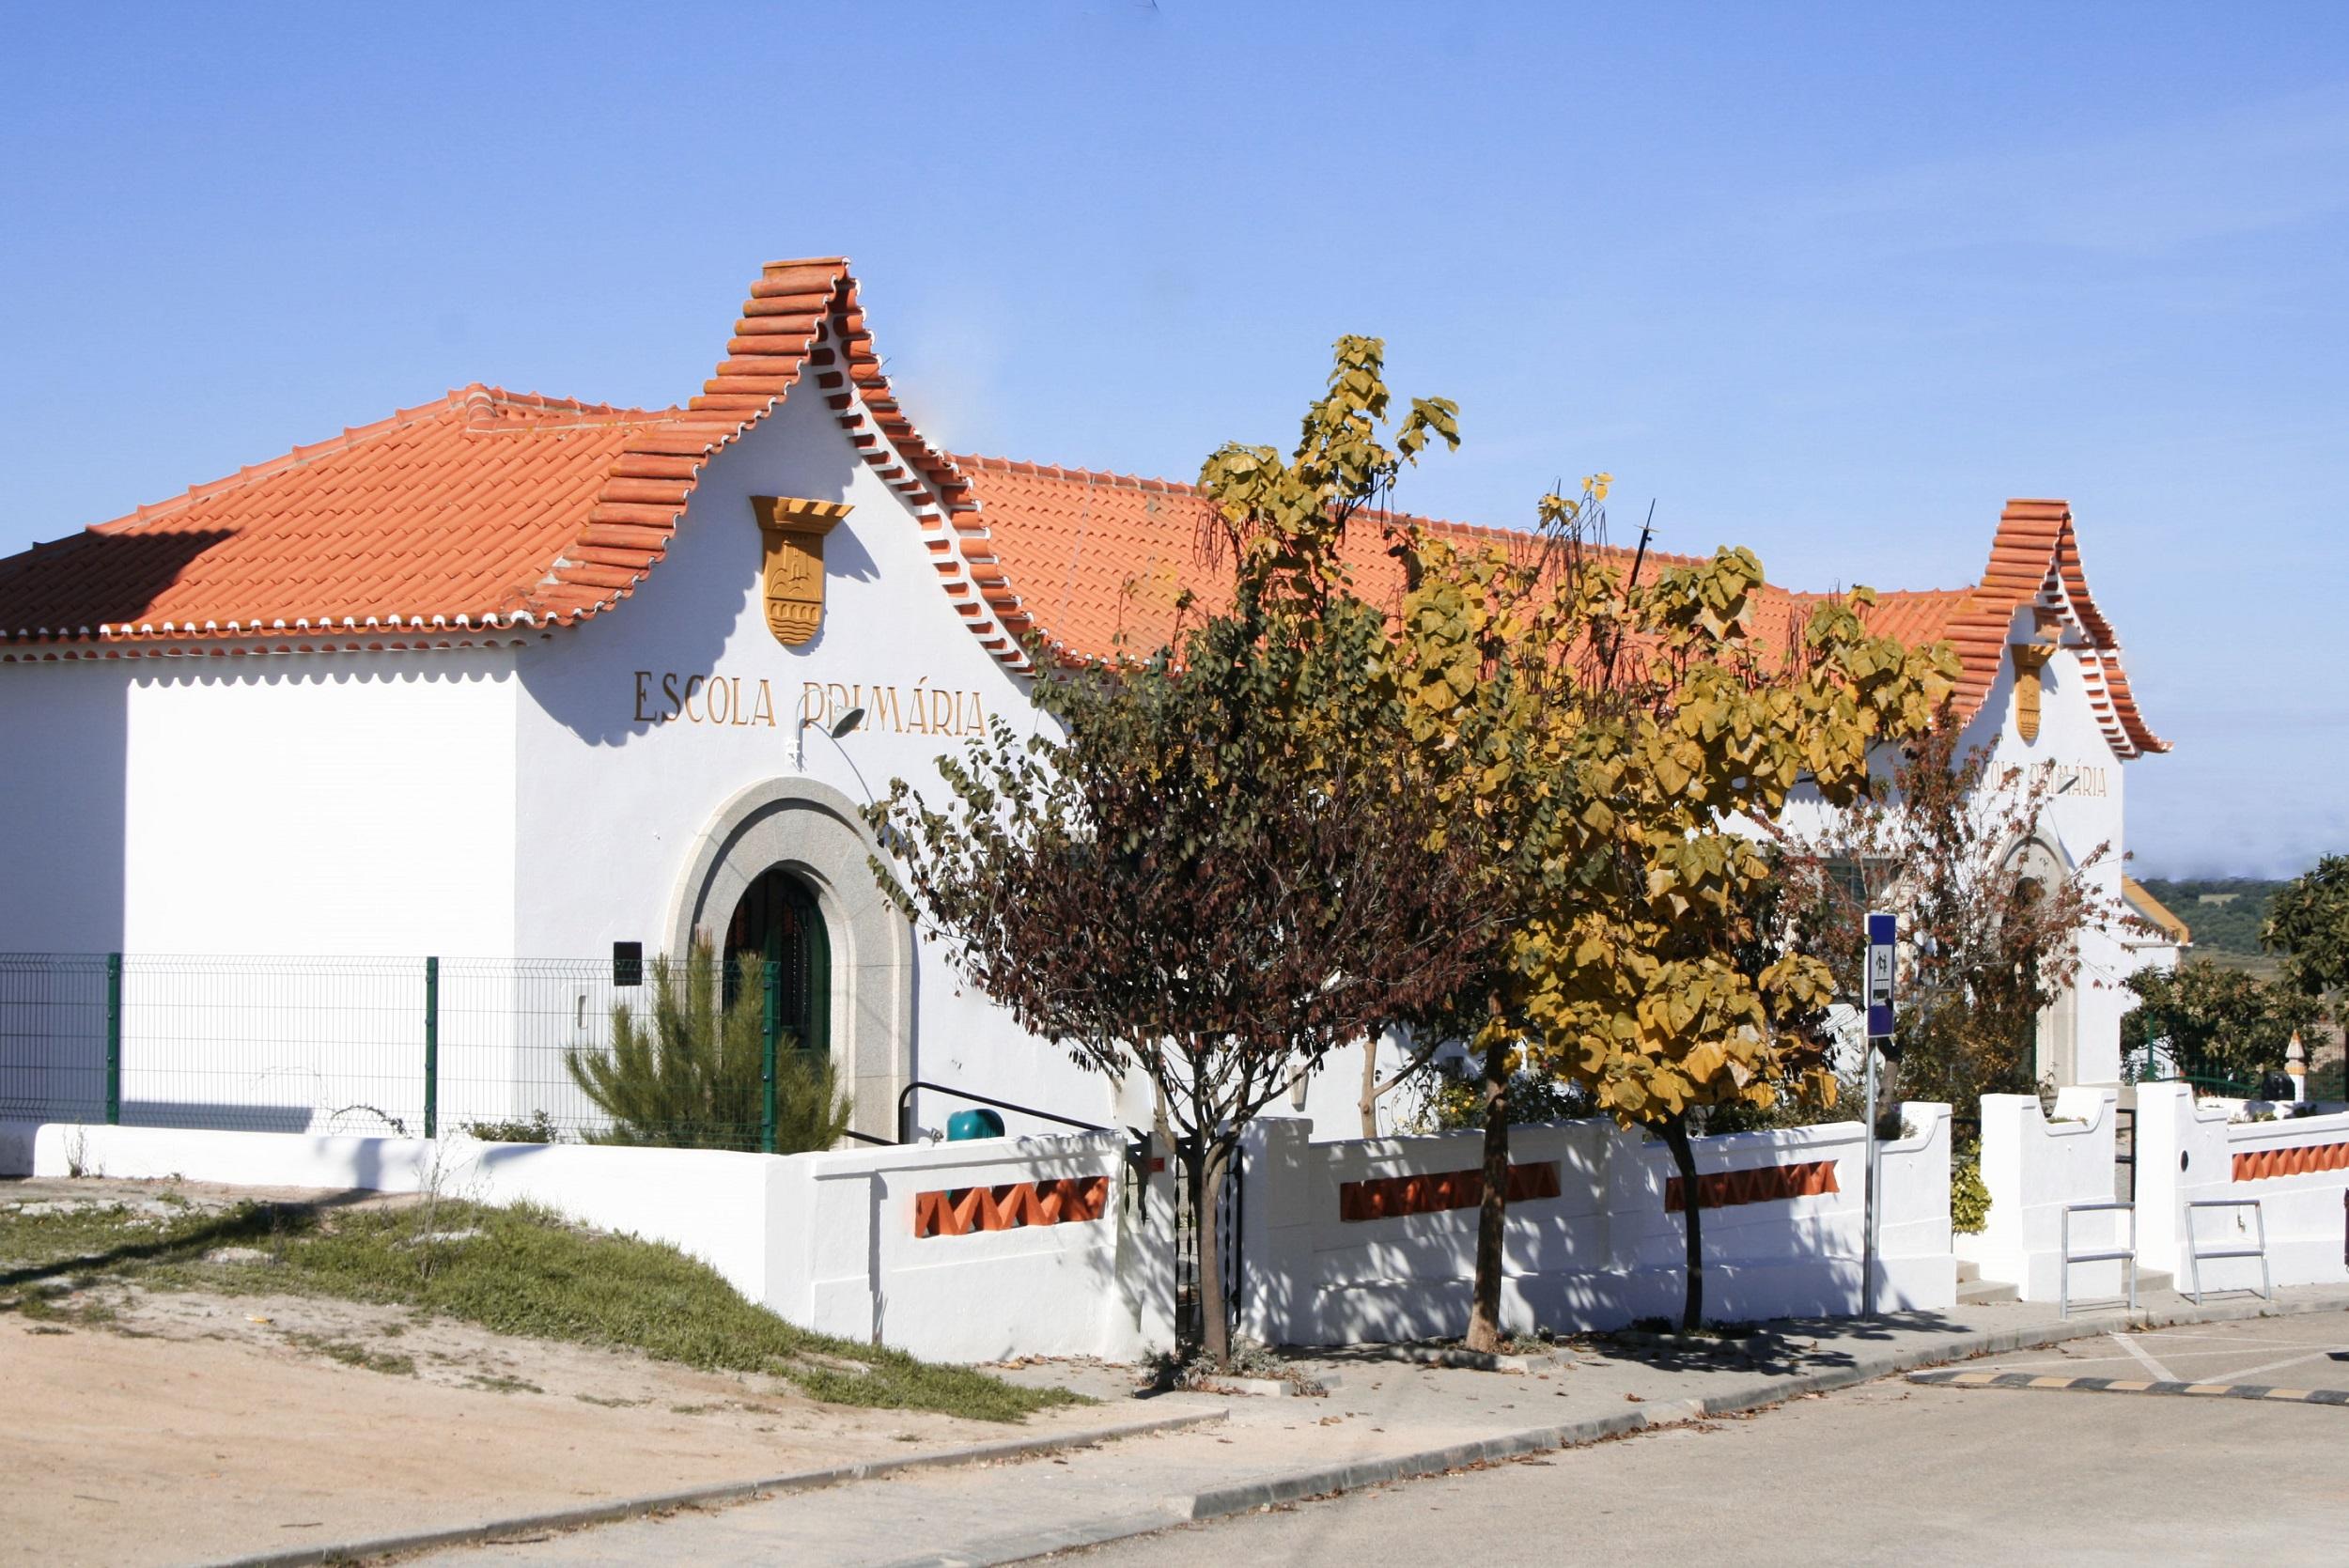 Escola Primária do Ciborro (CMMN, 2008)